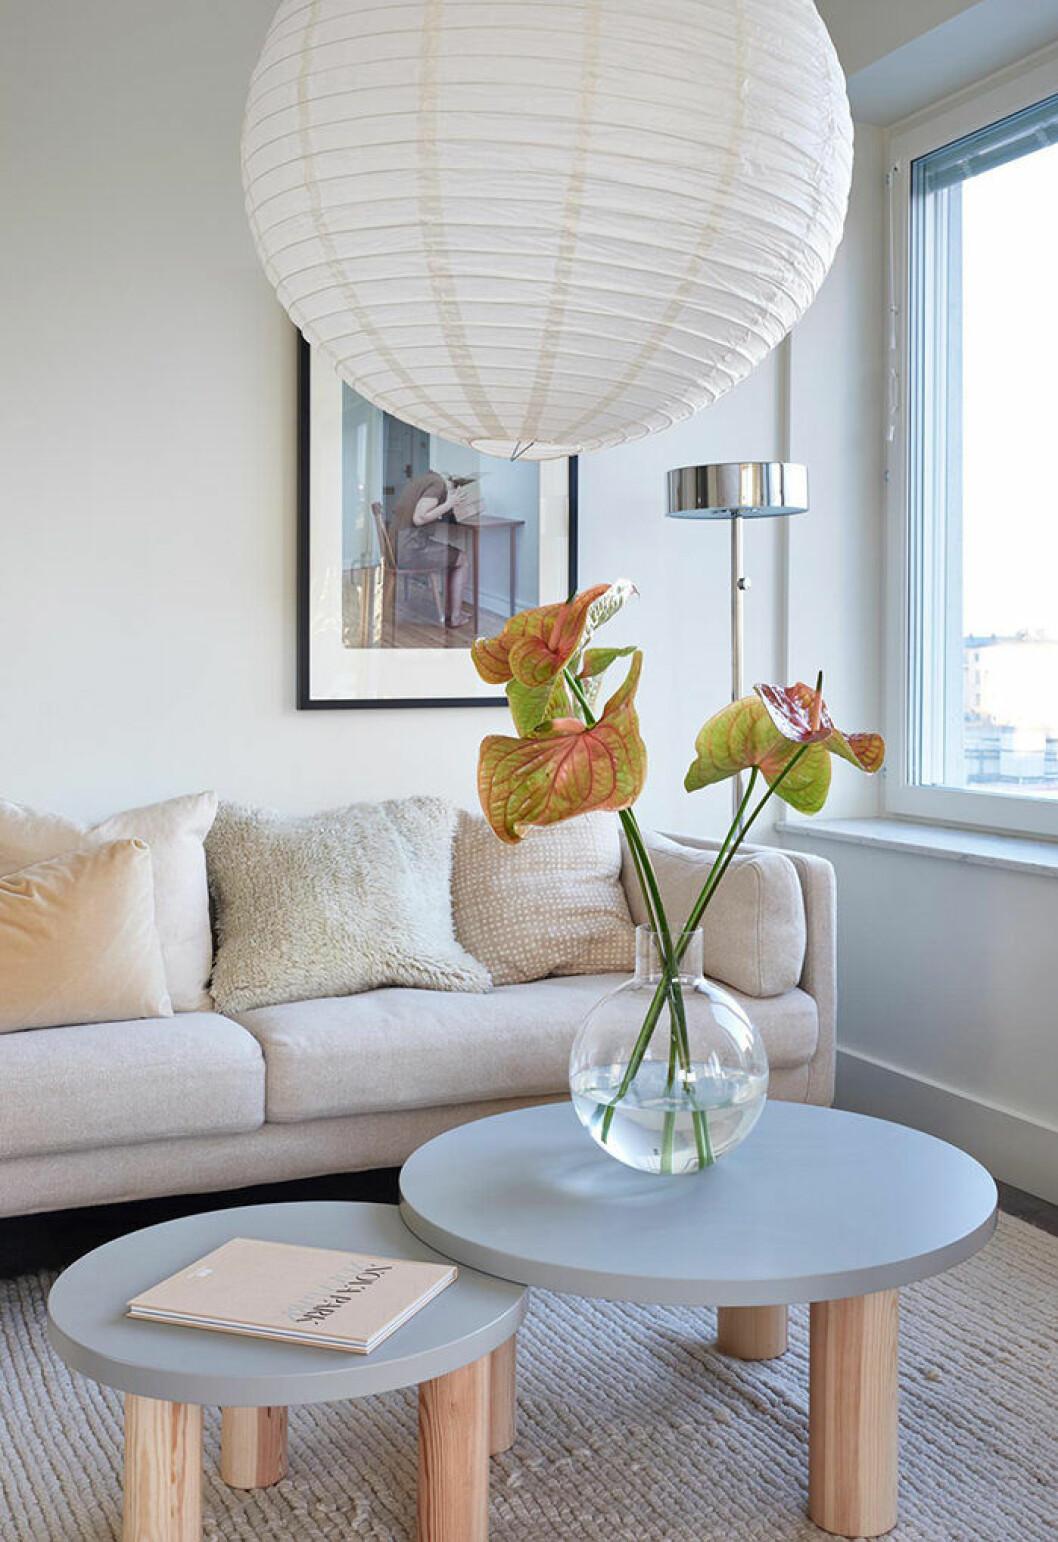 Belysningen mjukar upp intrycket i den nyproducerade lägenheten